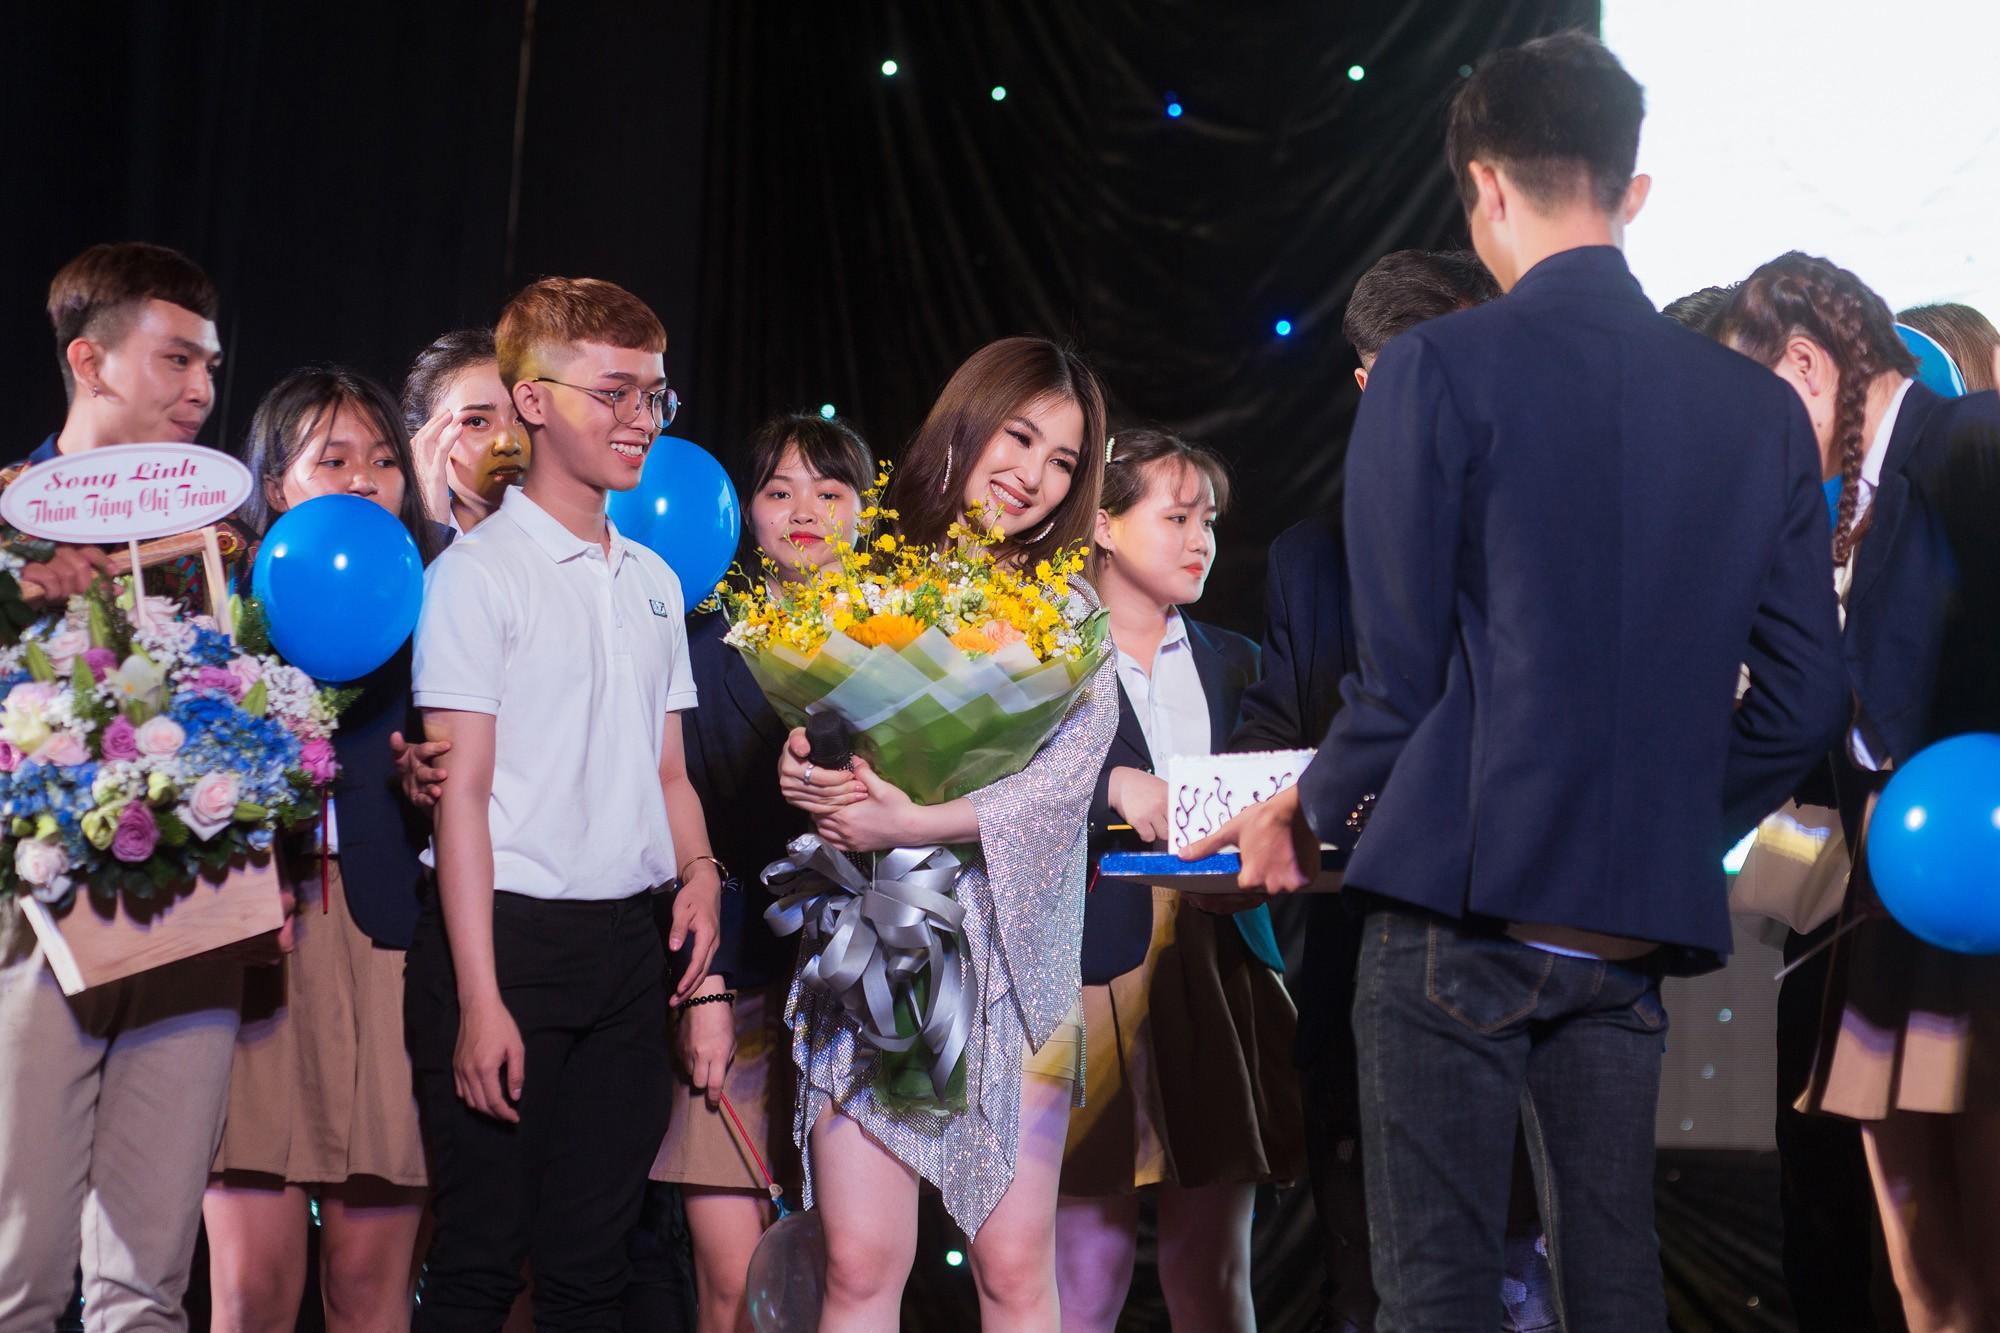 Hương Tràm khép lại lời chào với người hâm mộ trong sự tiếc nuối  - Ảnh 5.